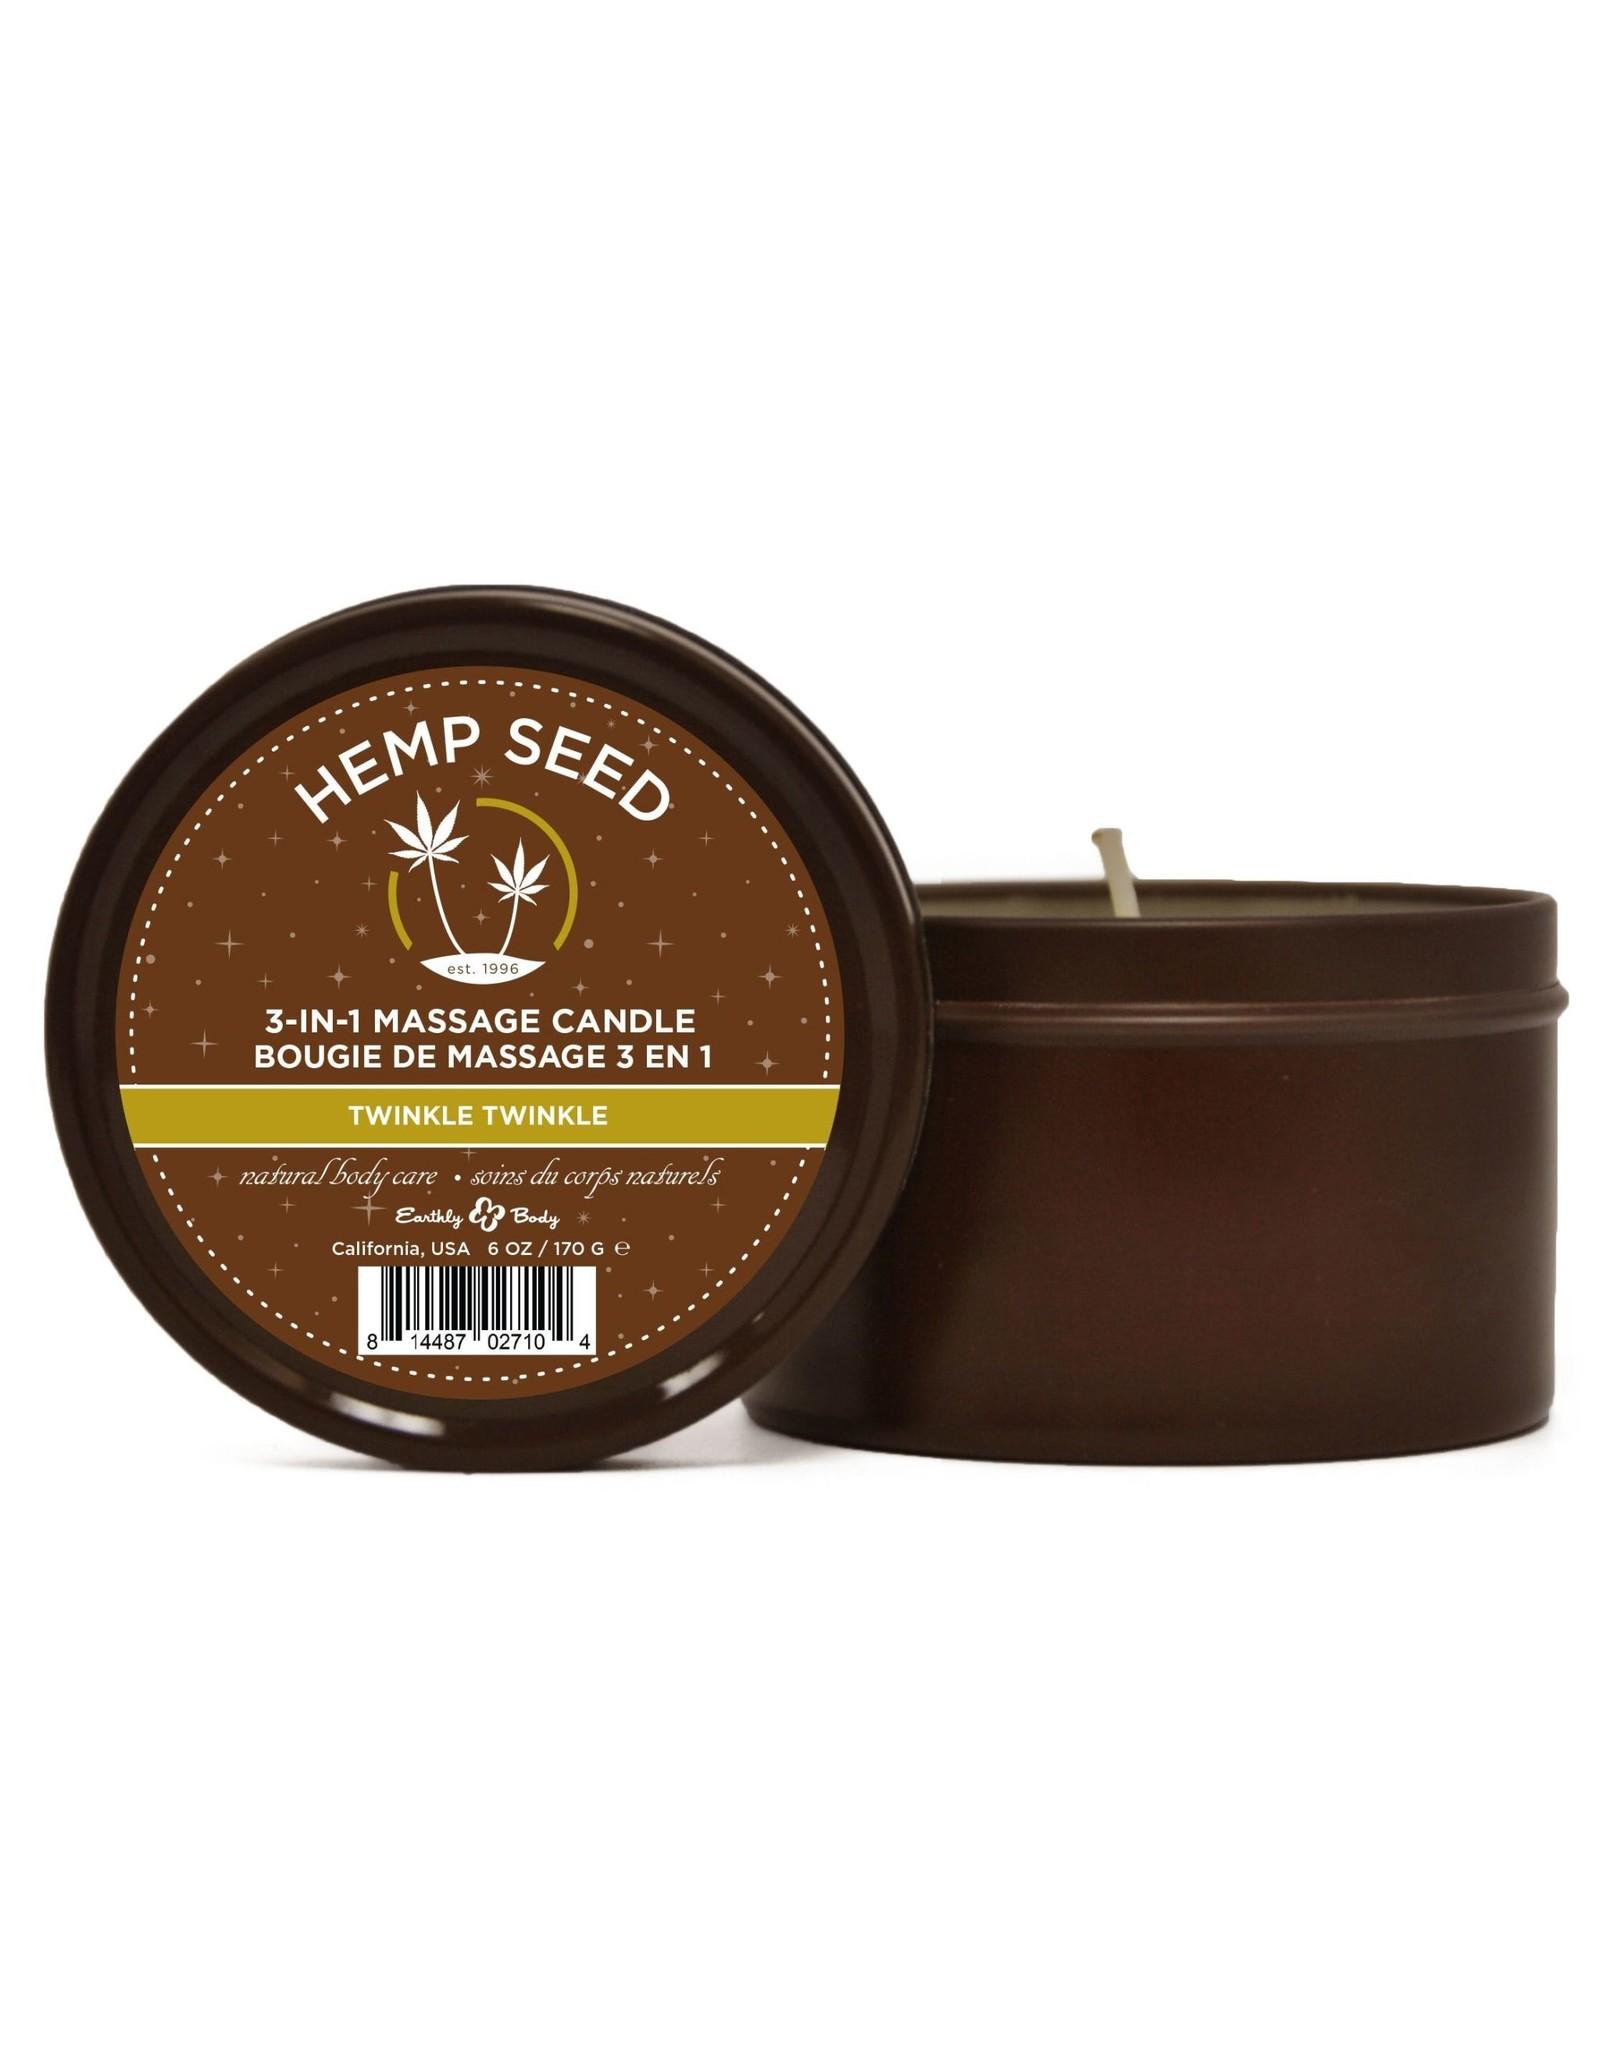 Earthly Body Hemp Seed 3-in-1 Massage Candle - Twinkle Twinkle